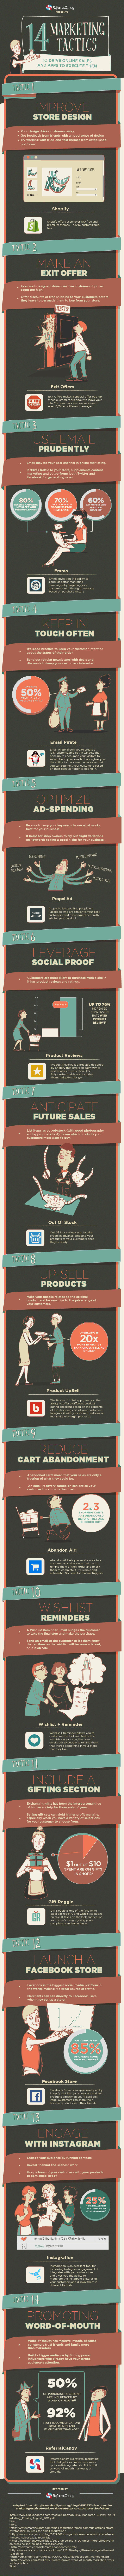 Ways-to-Improve-Online-Sales